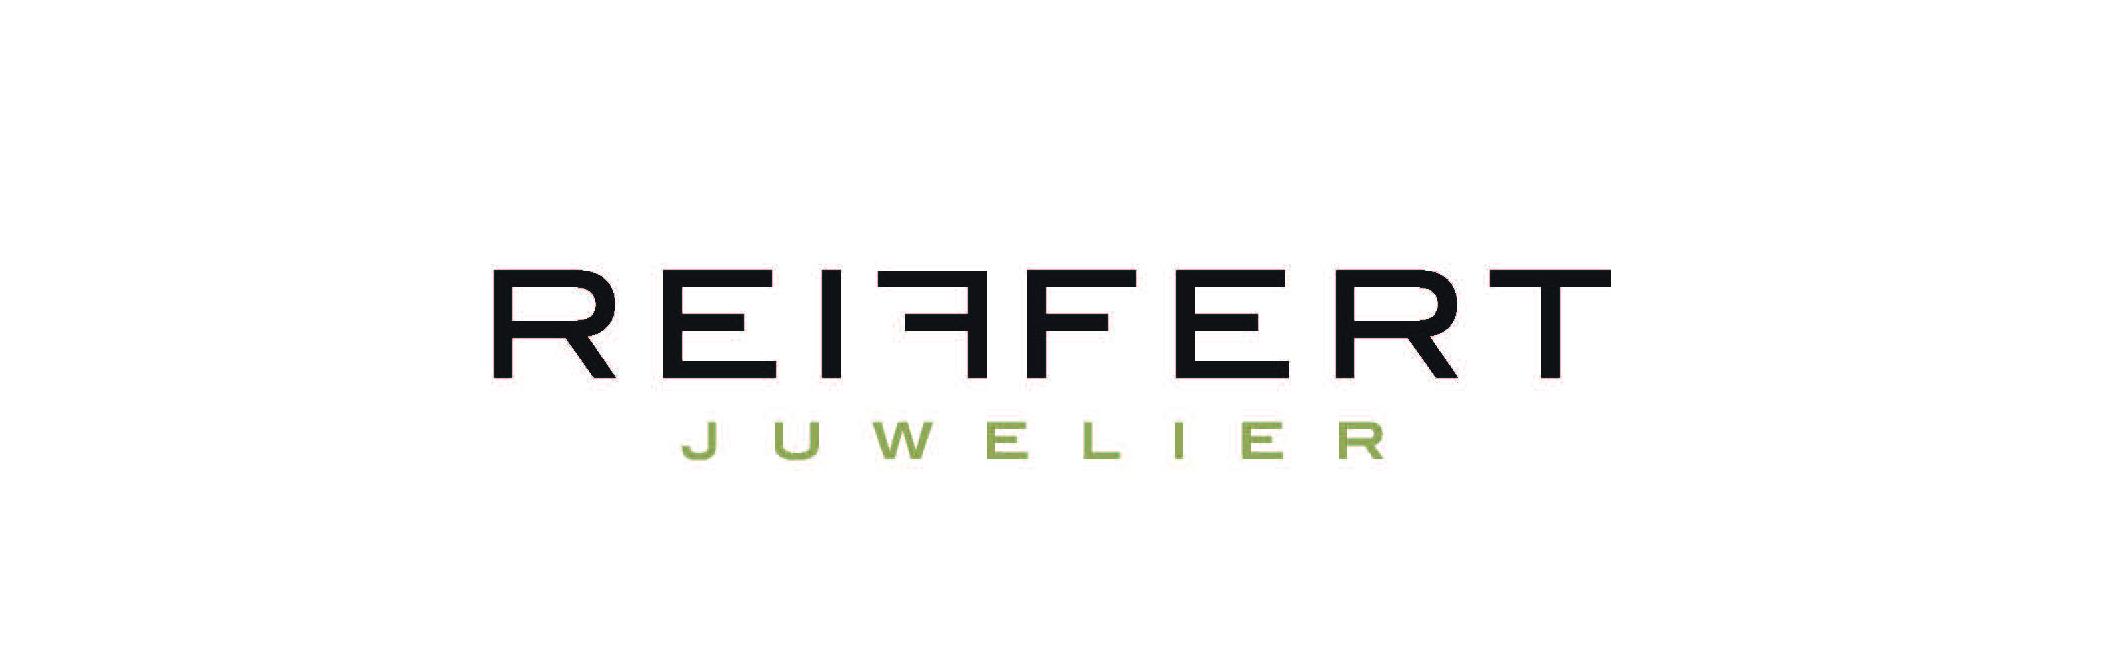 Reiffert